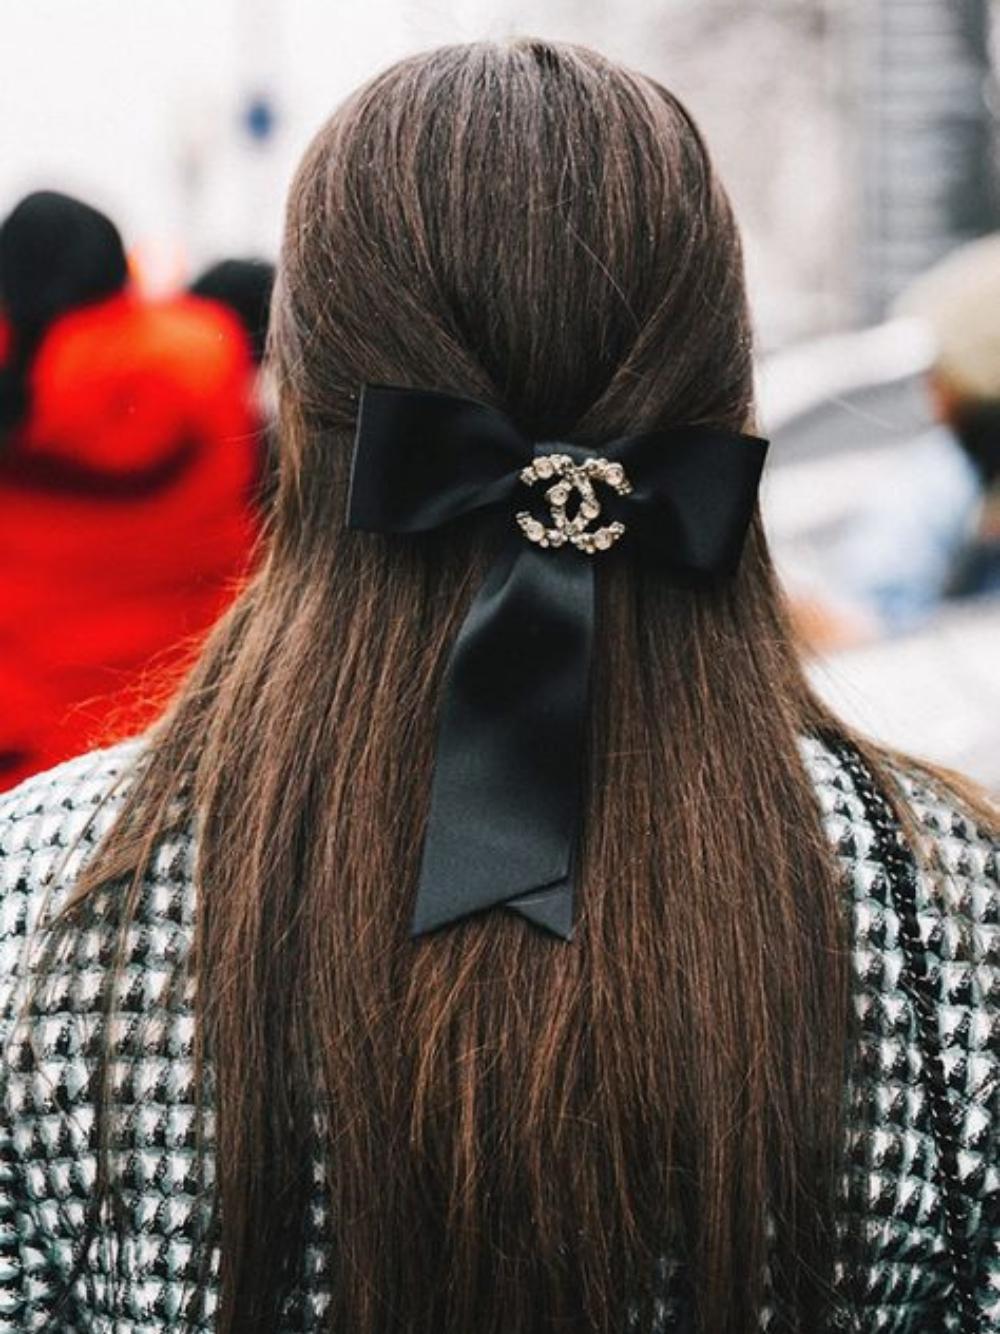 Mit diesem Profi-Trick trägst du jeden Tag Chanel – und es kostet dich fast nichts!